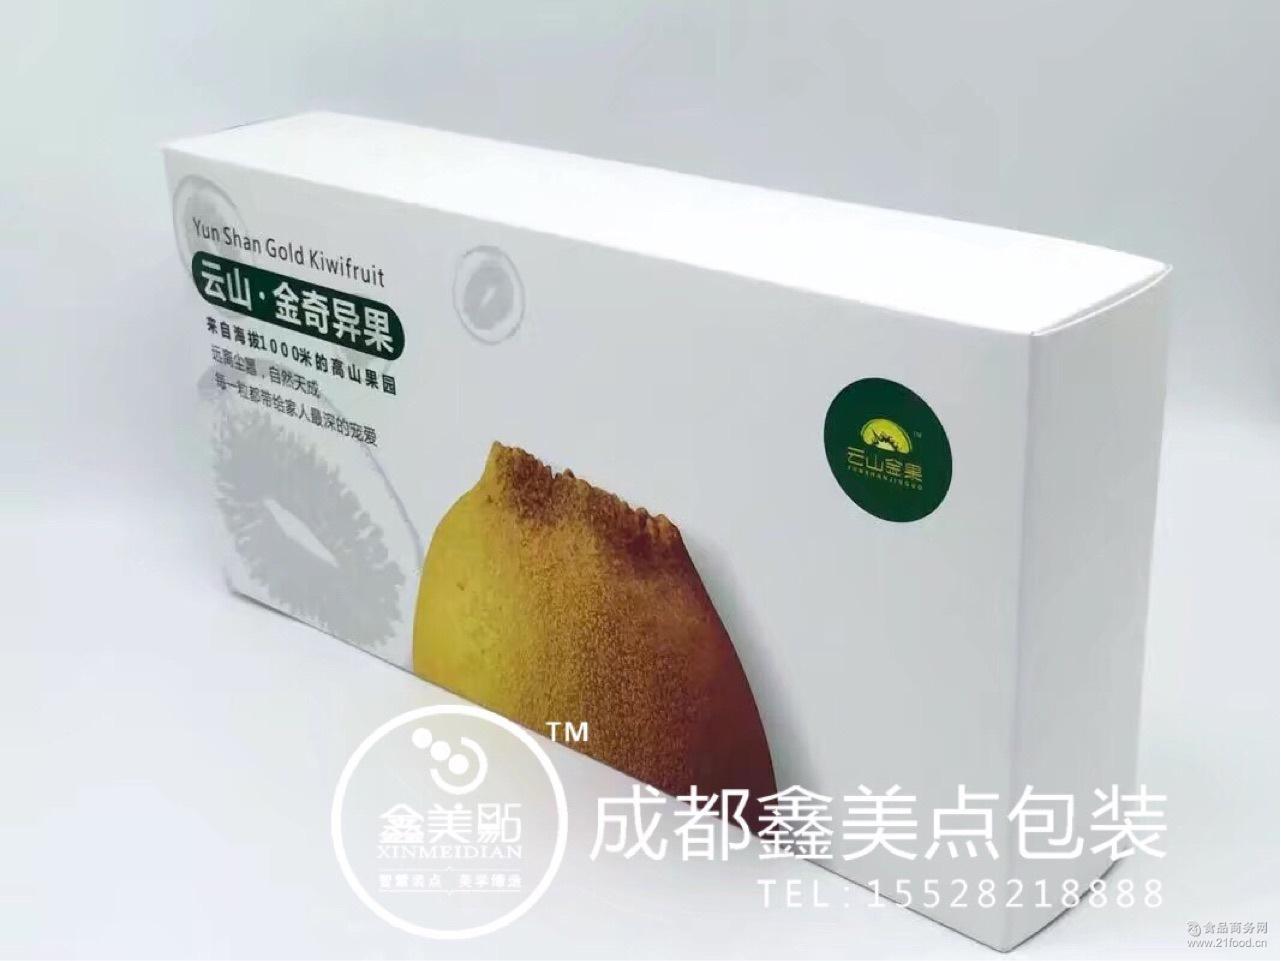 奇异果 猕猴桃 生鲜水果包装生产厂家